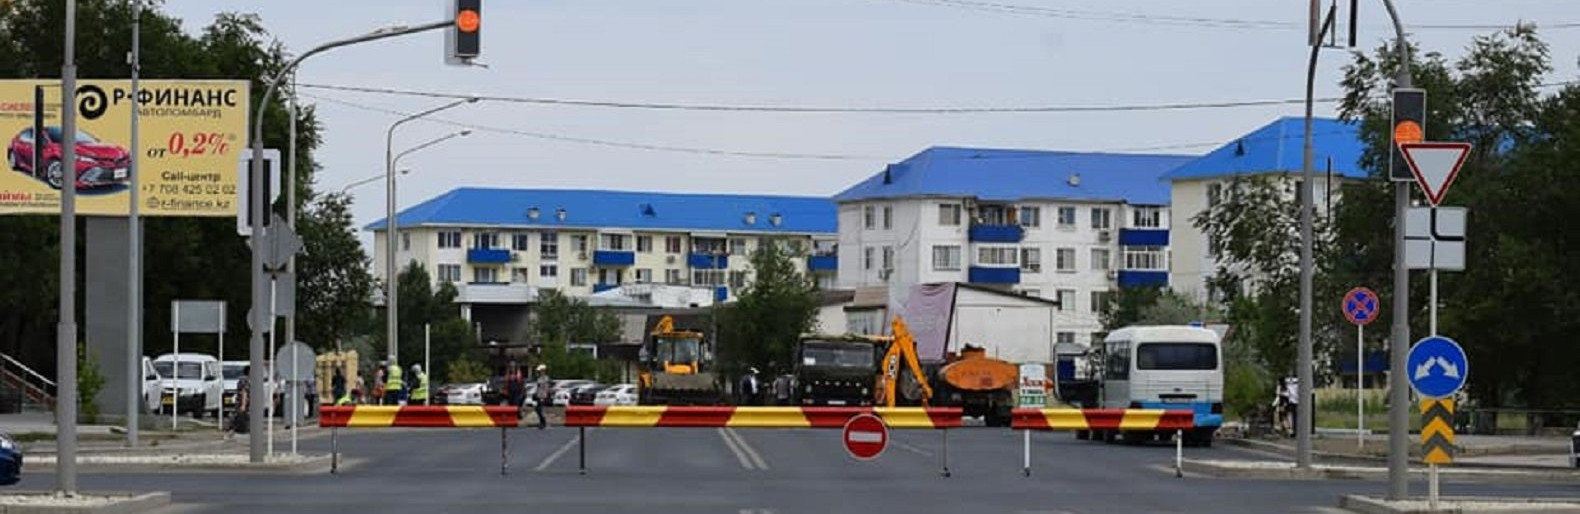 Откуда казахстанцы чаще всего получают денежные переводы